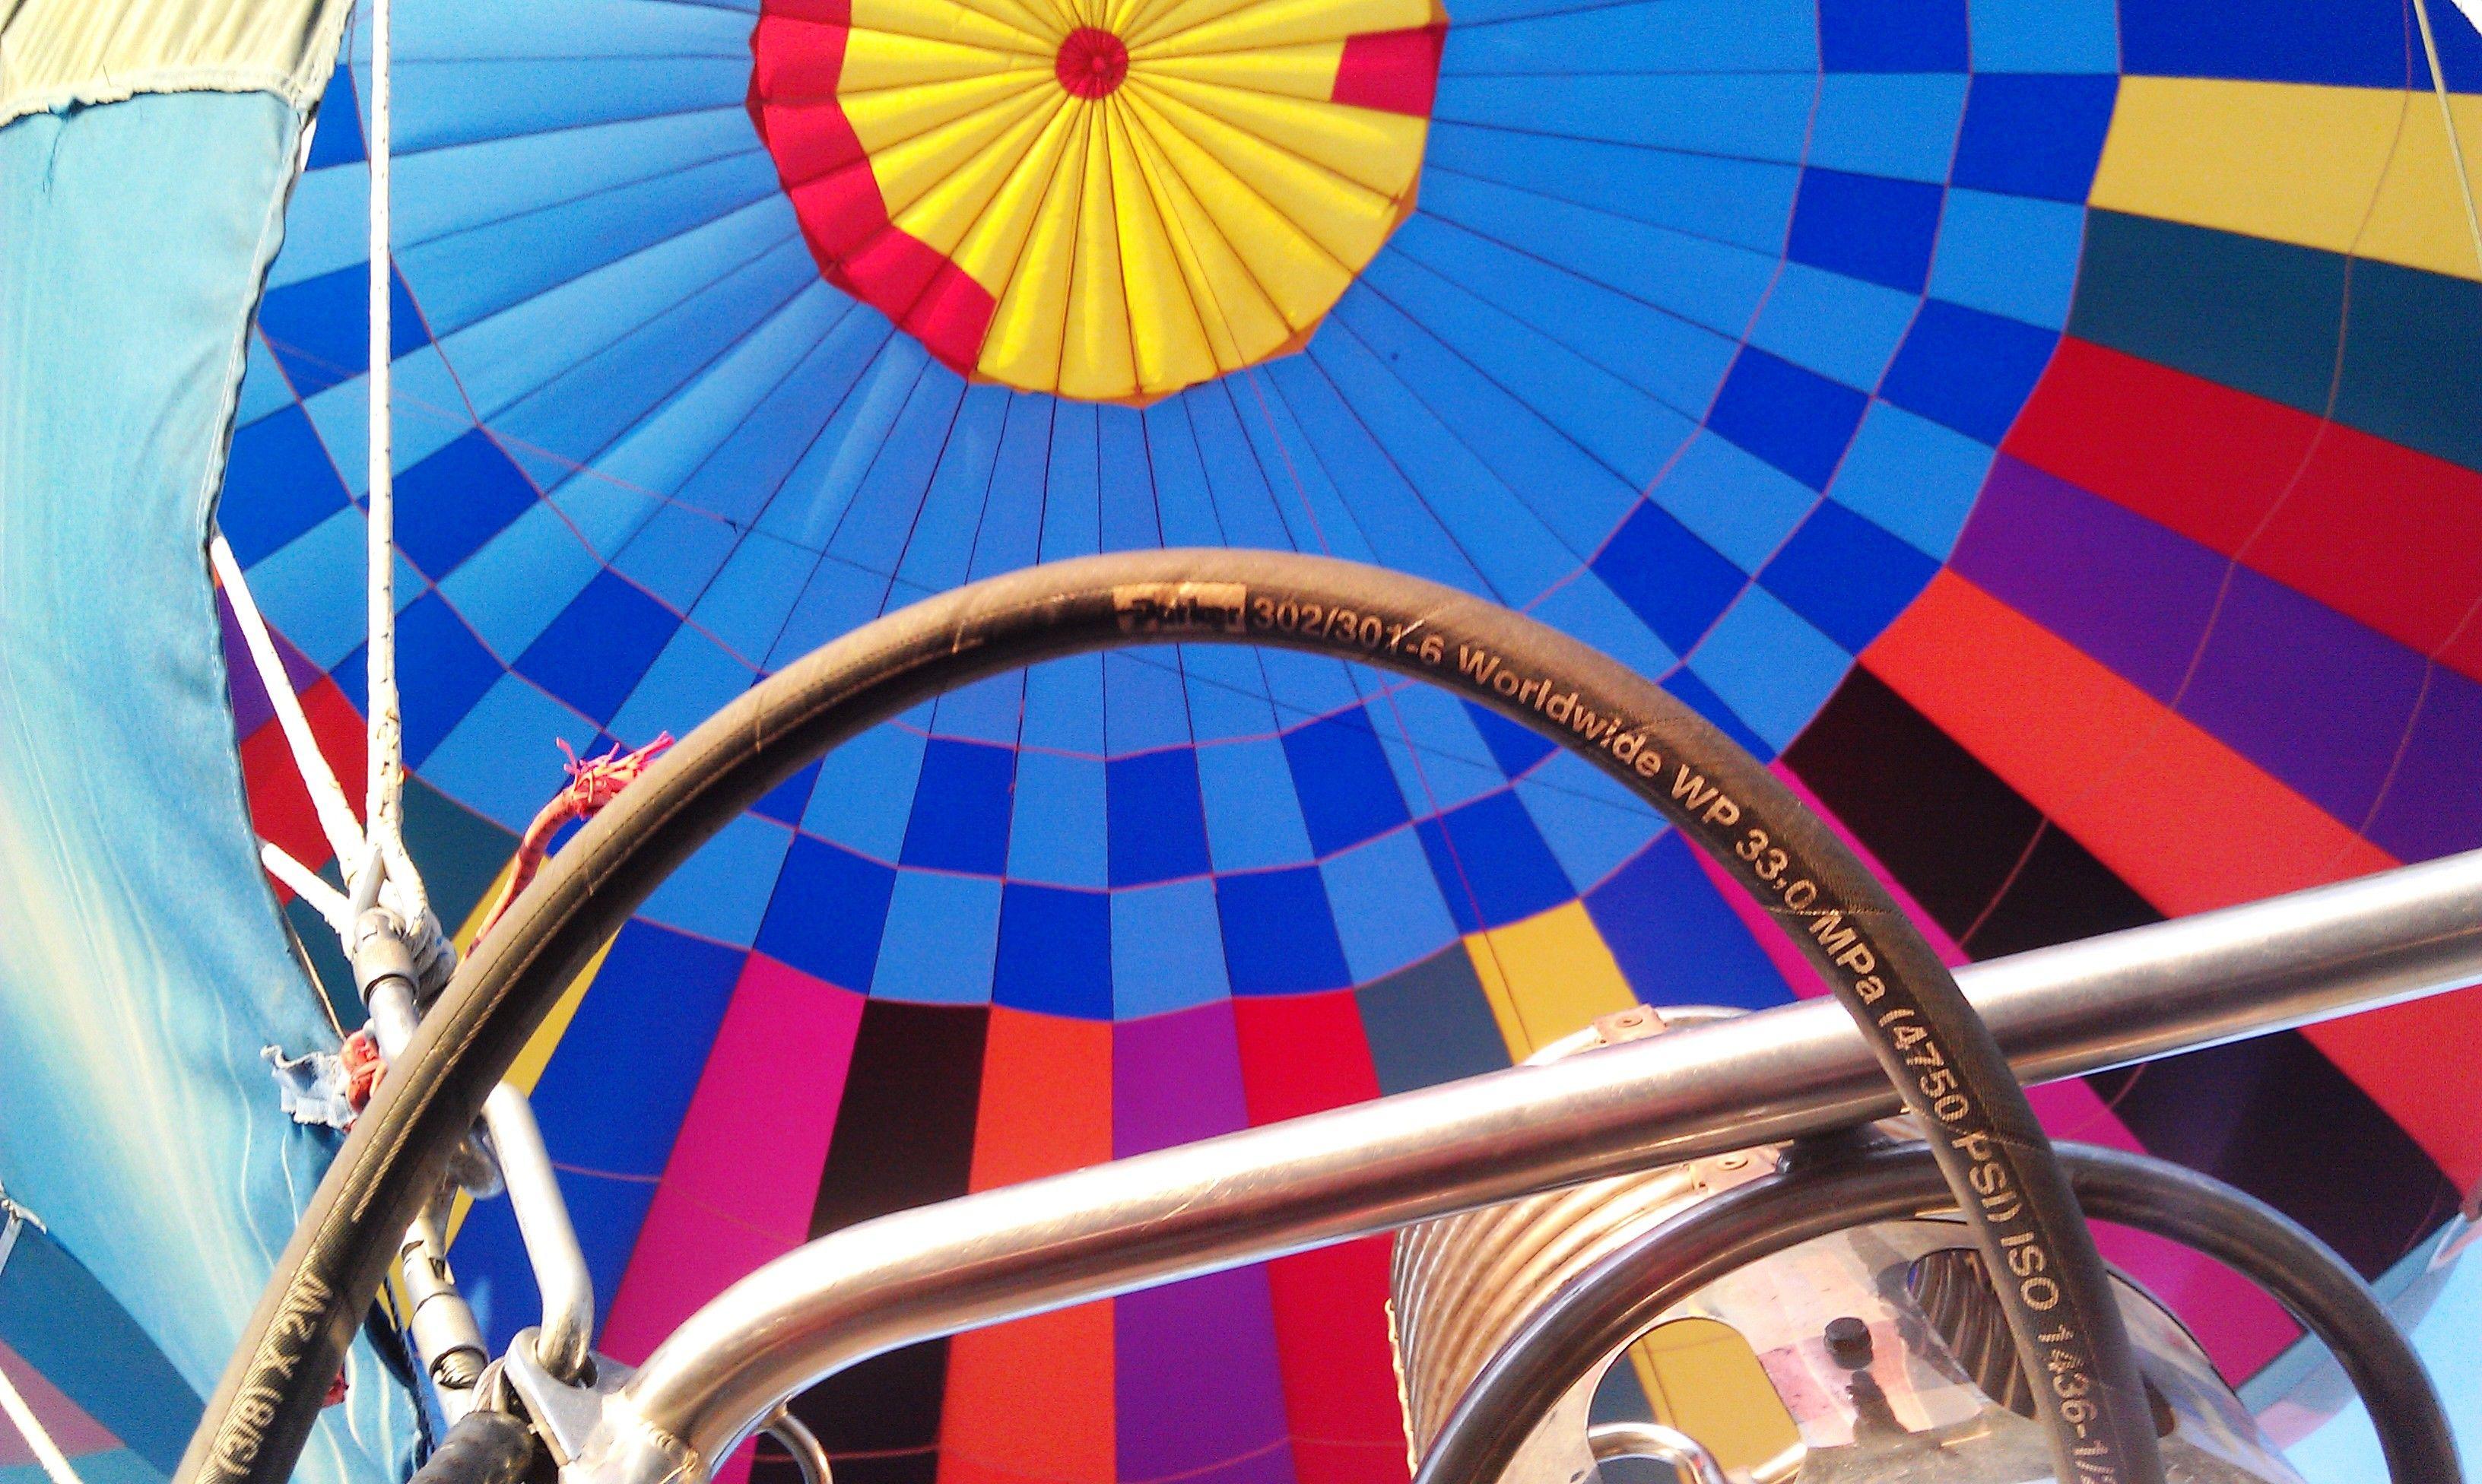 Inside our hot air balloon